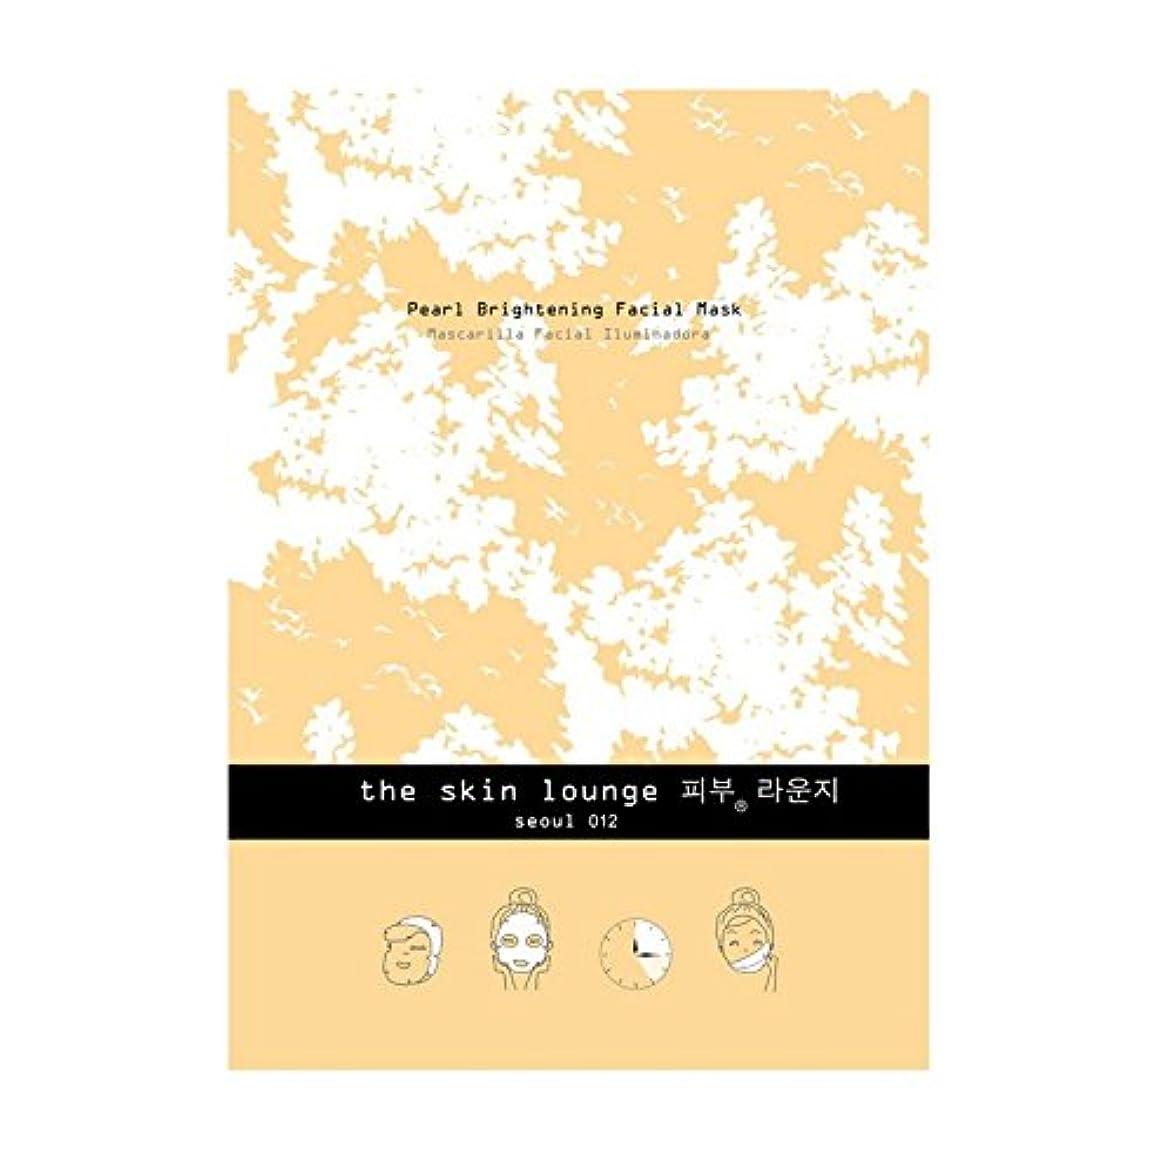 リード信念番号単一セルロースマスクを明るく皮膚ラウンジ真珠 x4 - The Skin Lounge Pearl Brightening Single Cellulose Mask (Pack of 4) [並行輸入品]